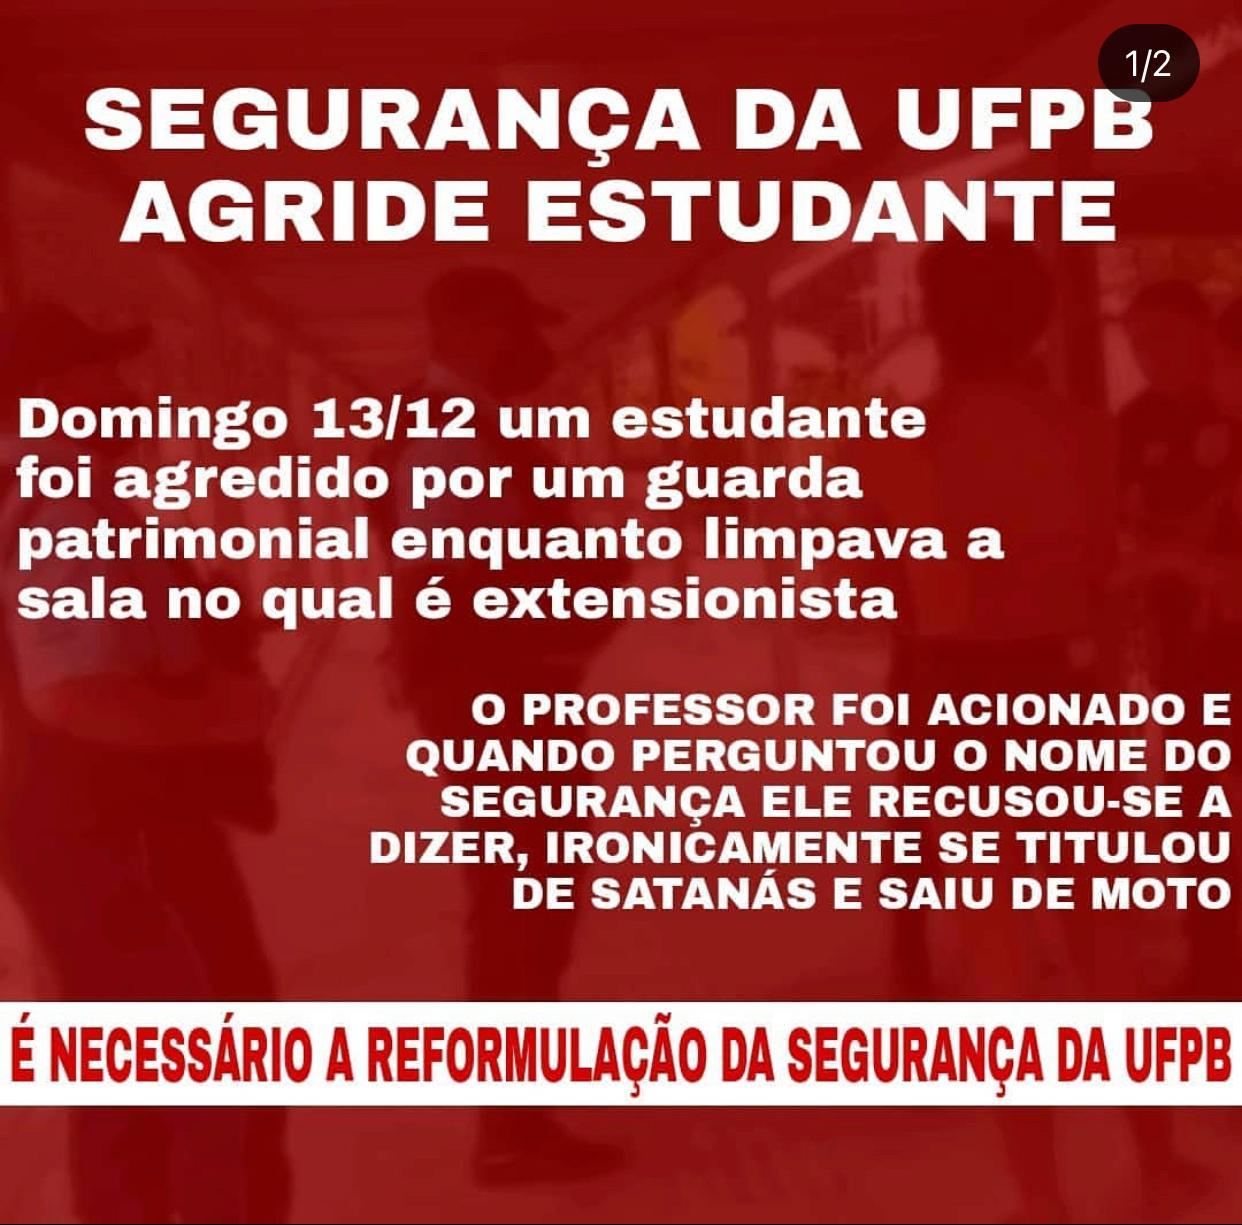 """SEGURANÇA - Estudantes são agredidos por seguranças da UFPB: """"Racismo e perseguição política"""", denuncia professor"""